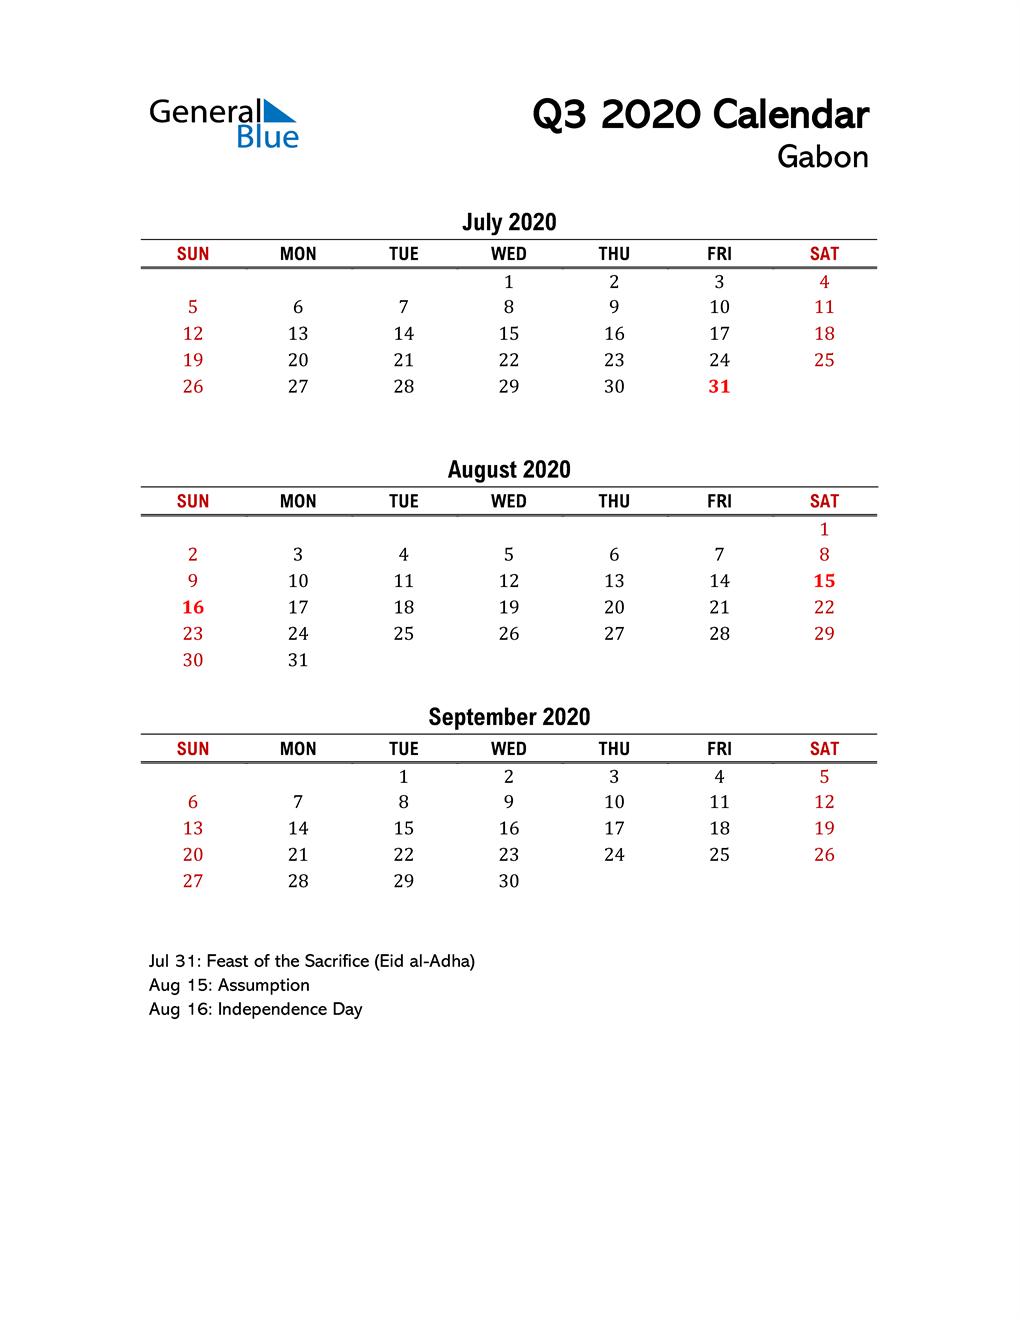 2020 Q3 Calendar with Holidays List